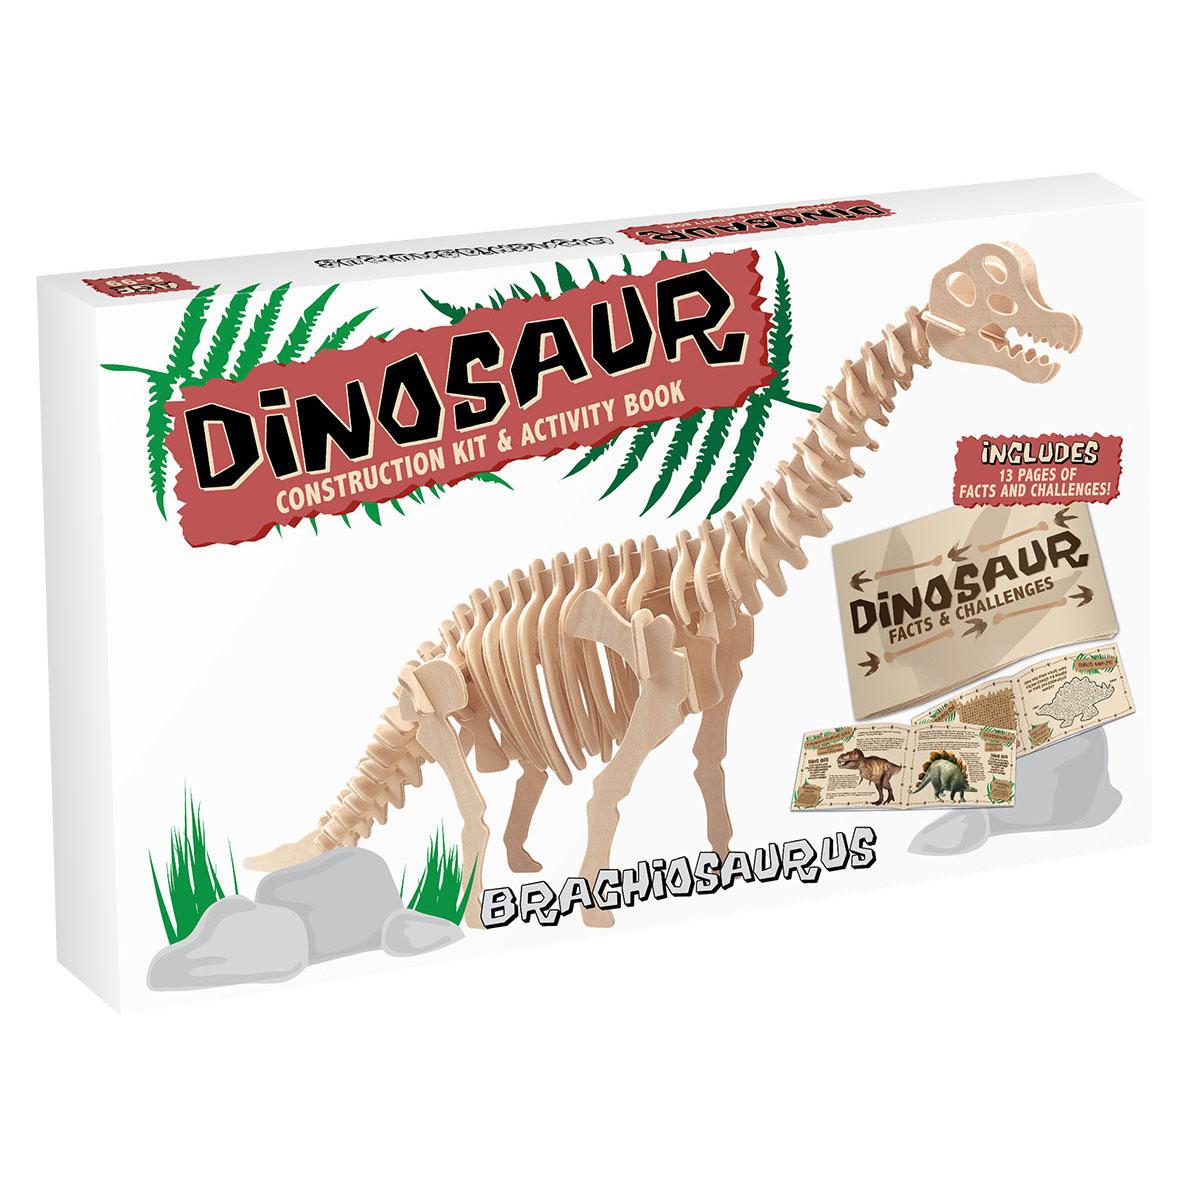 Dinosaur Construction Kit - Brachiosaurus